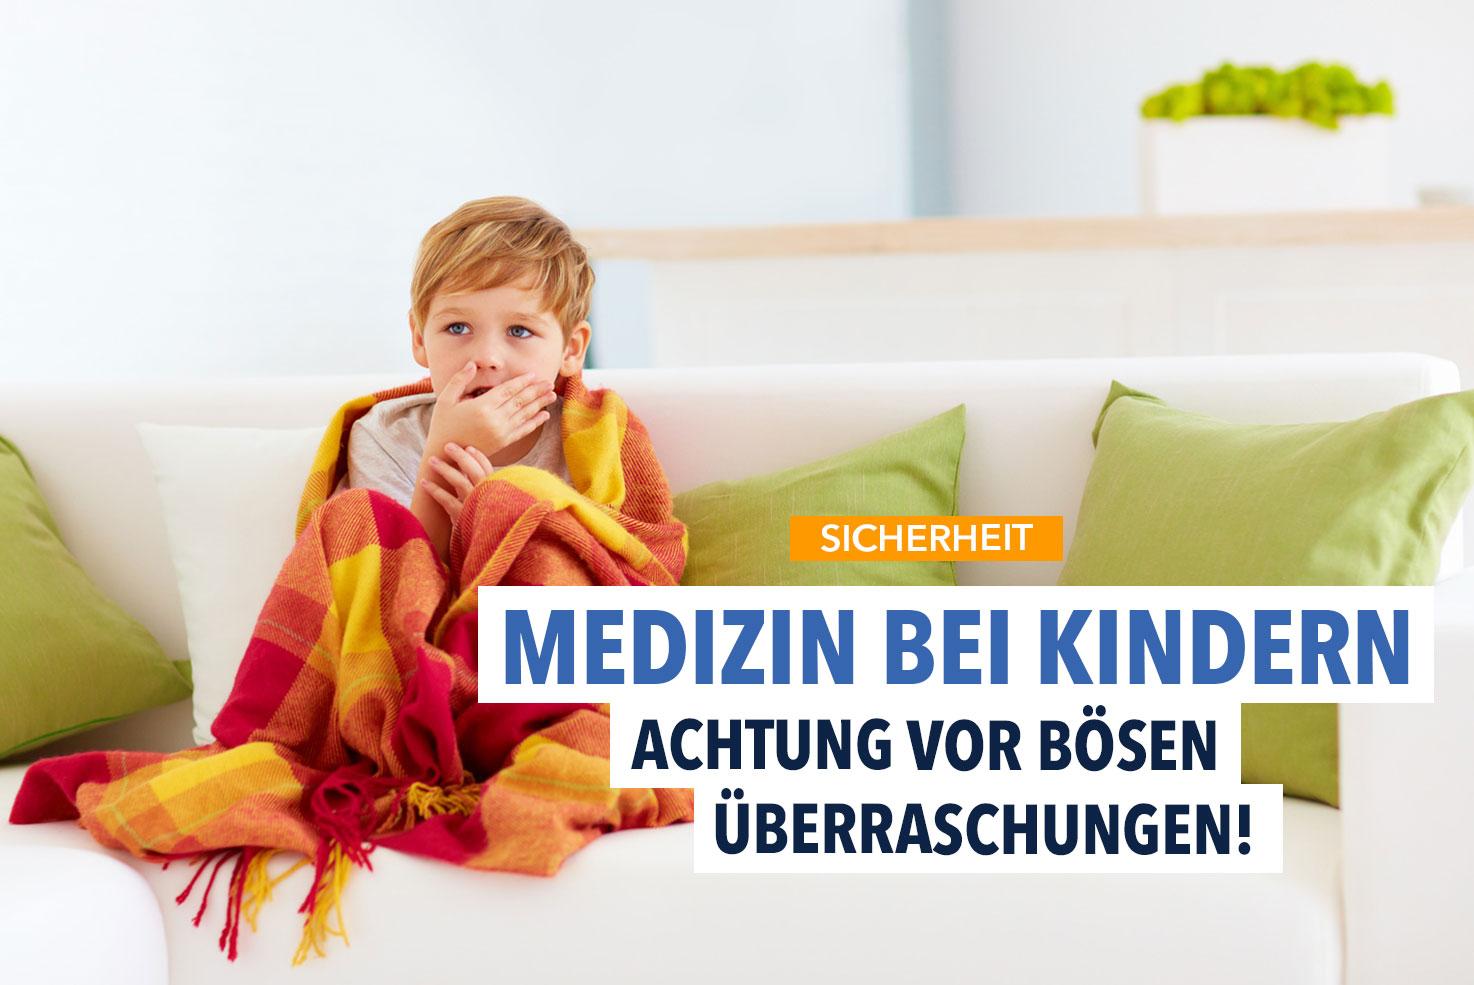 Medizin-bei-Kindern